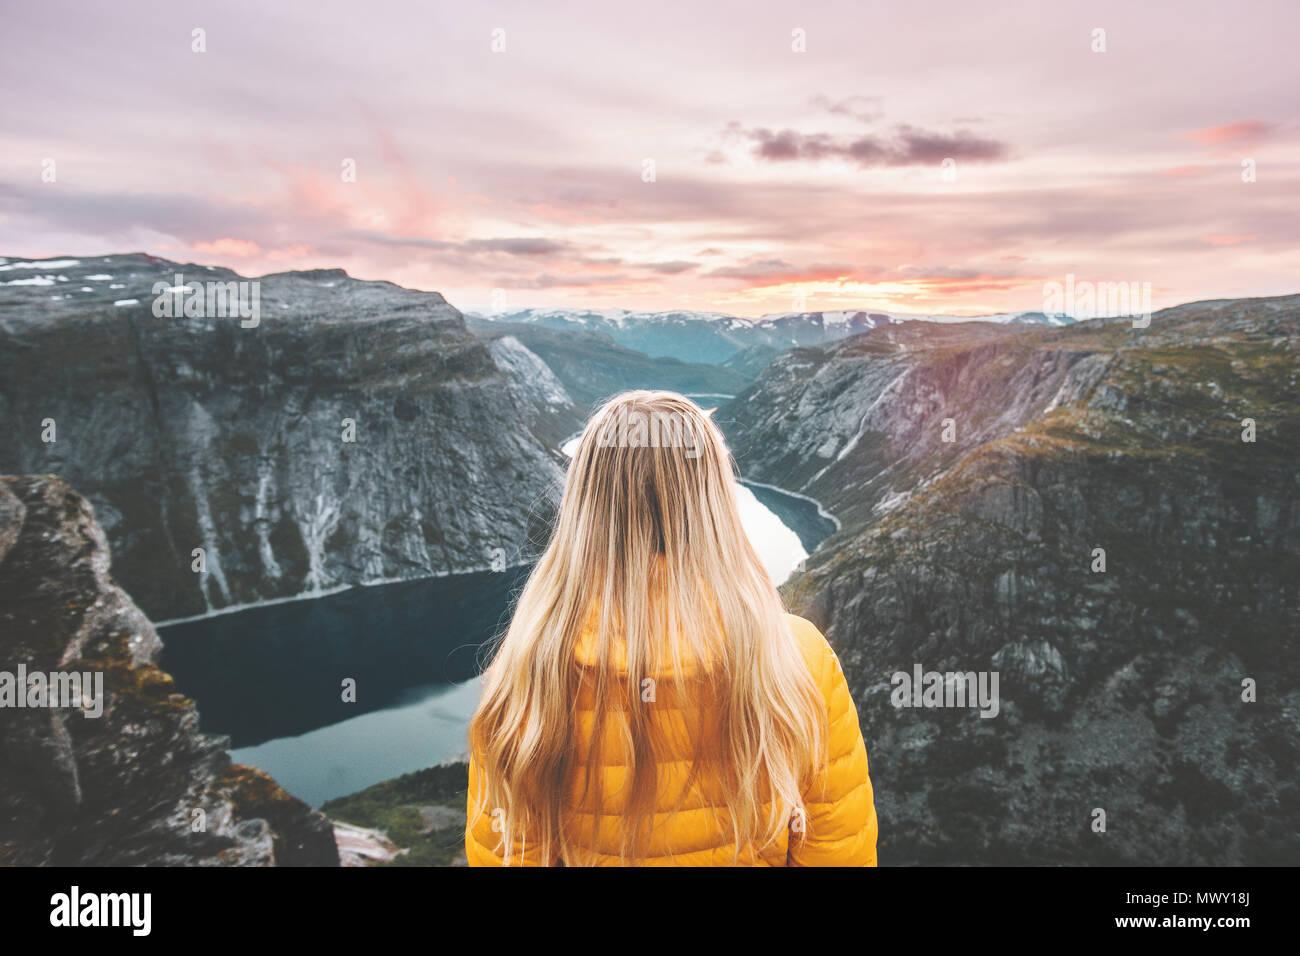 Femme voyageant seule profitant du paysage montagnes coucher de soleil vacances vie voyage aventure aérienne weekend Norvège paysage lac Banque D'Images